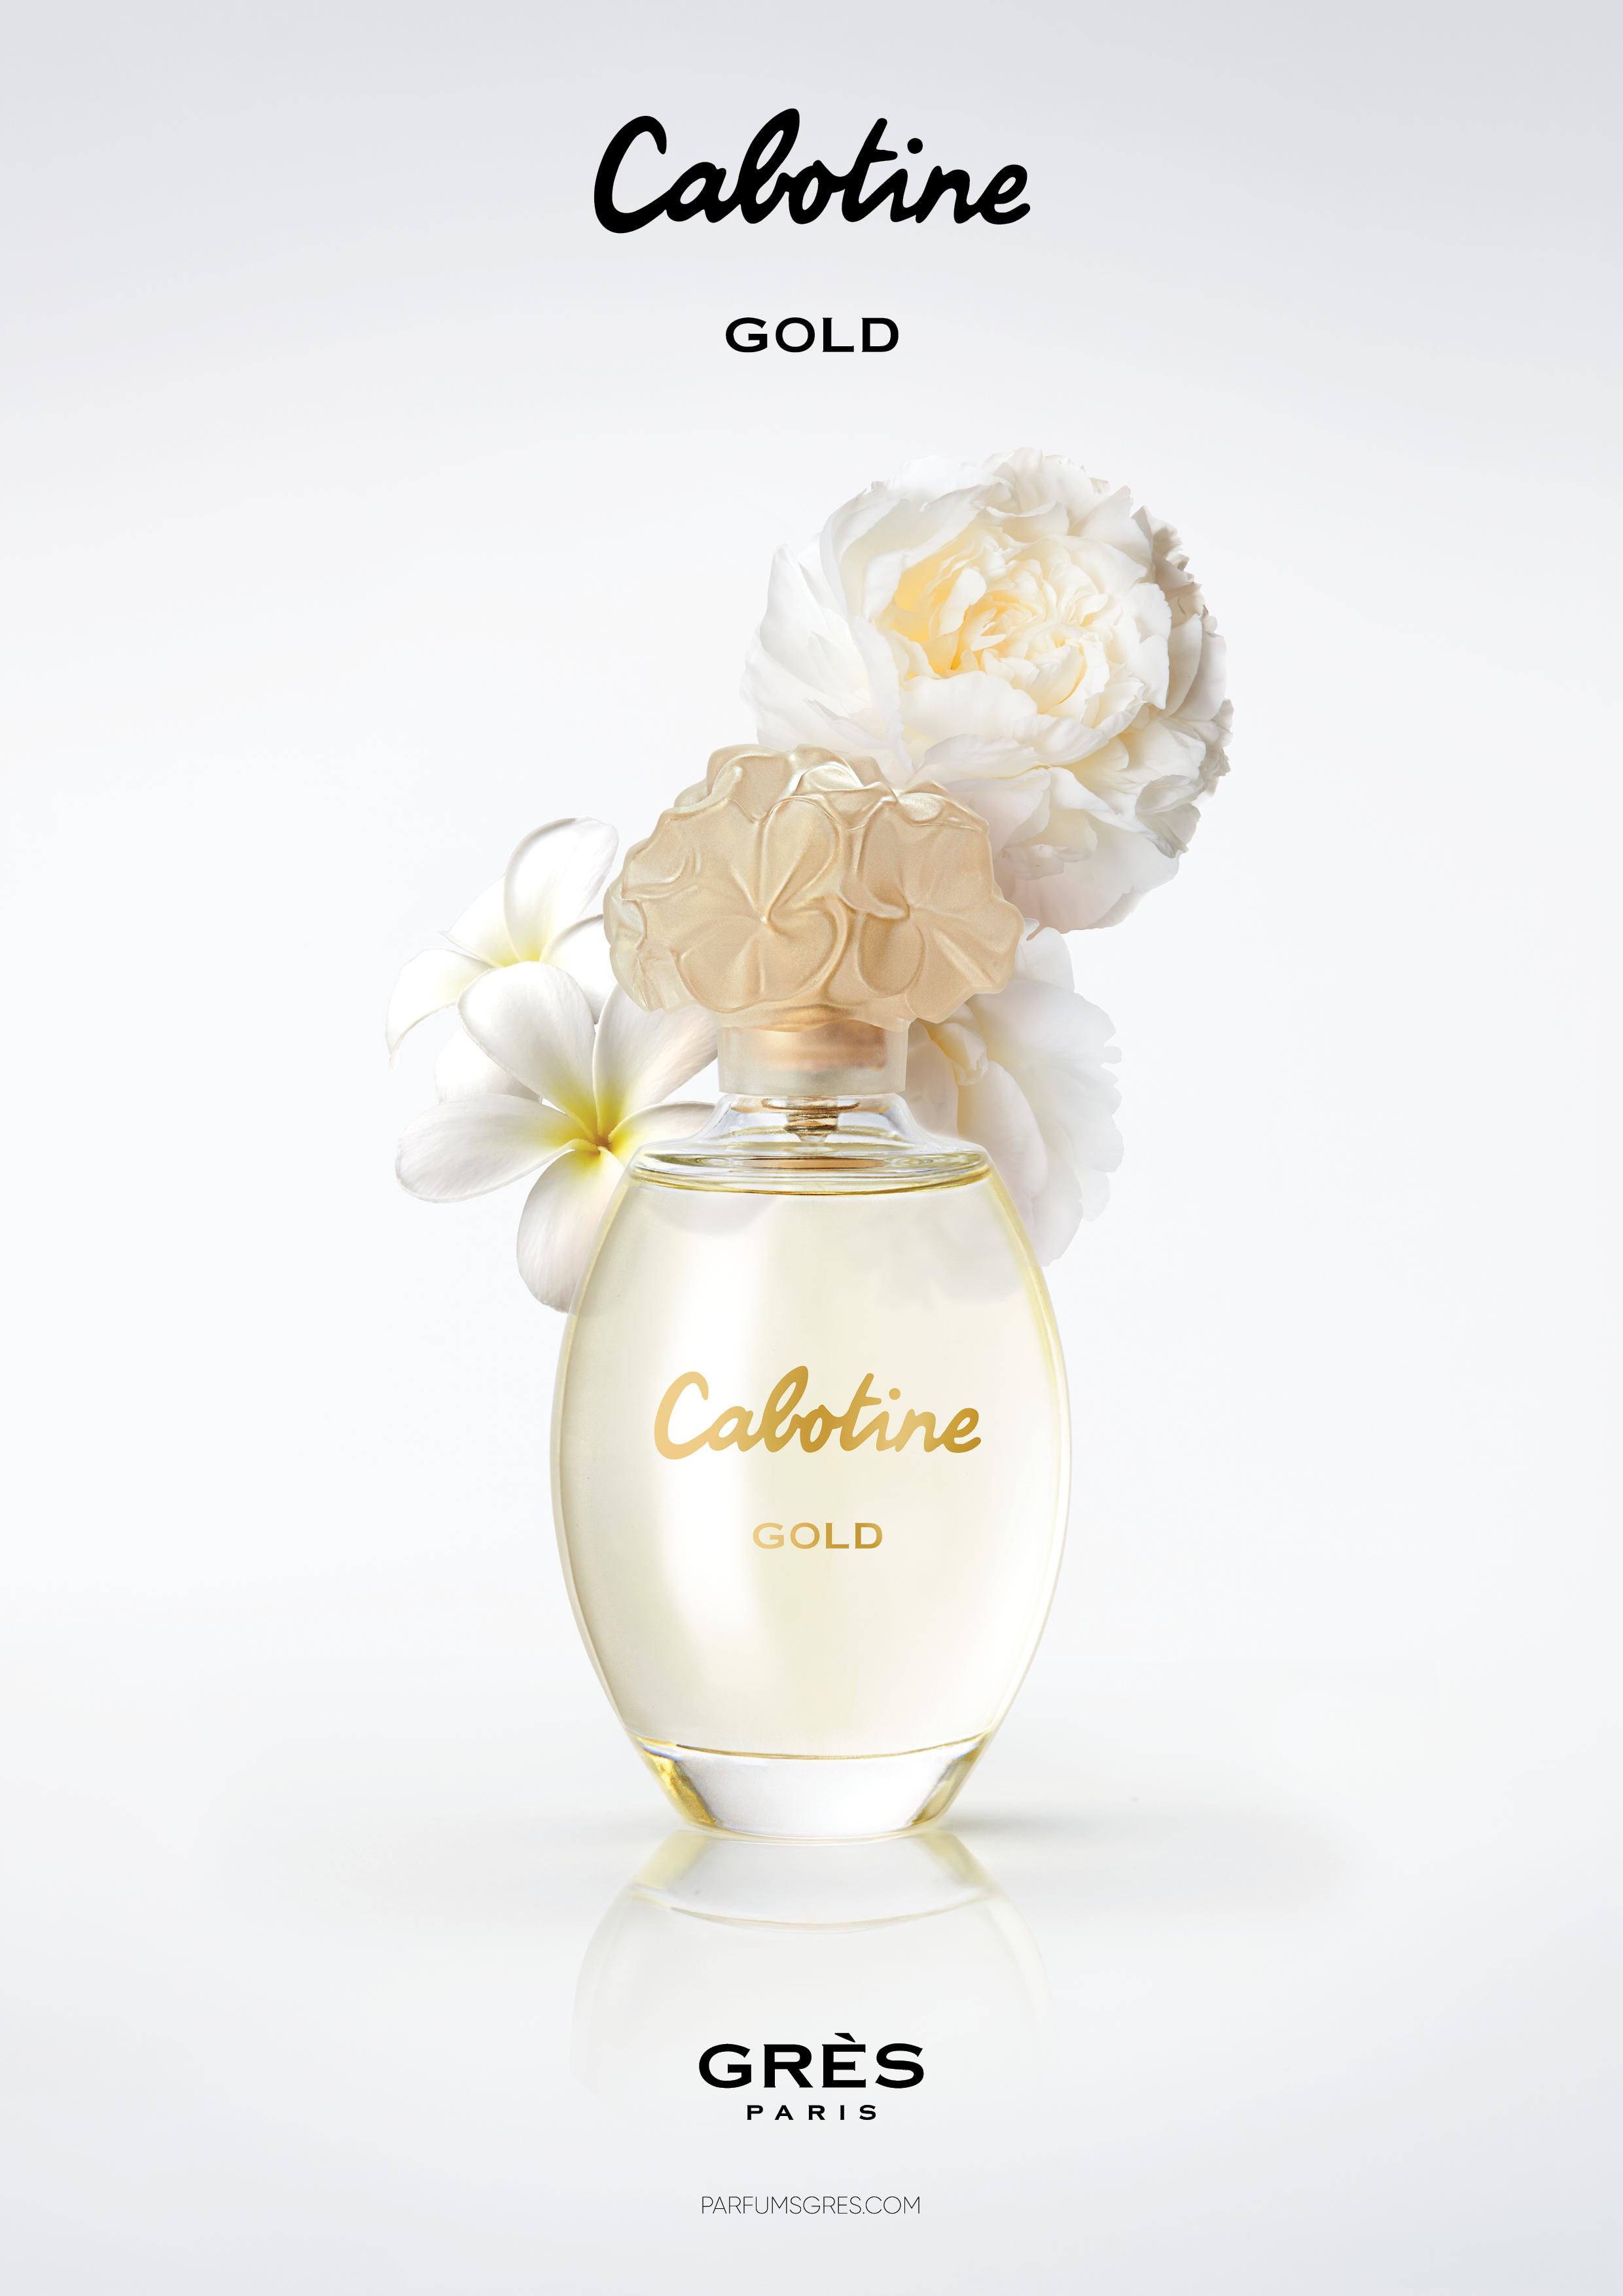 CABOTINE_CADRAGES_GOLD2.jpg